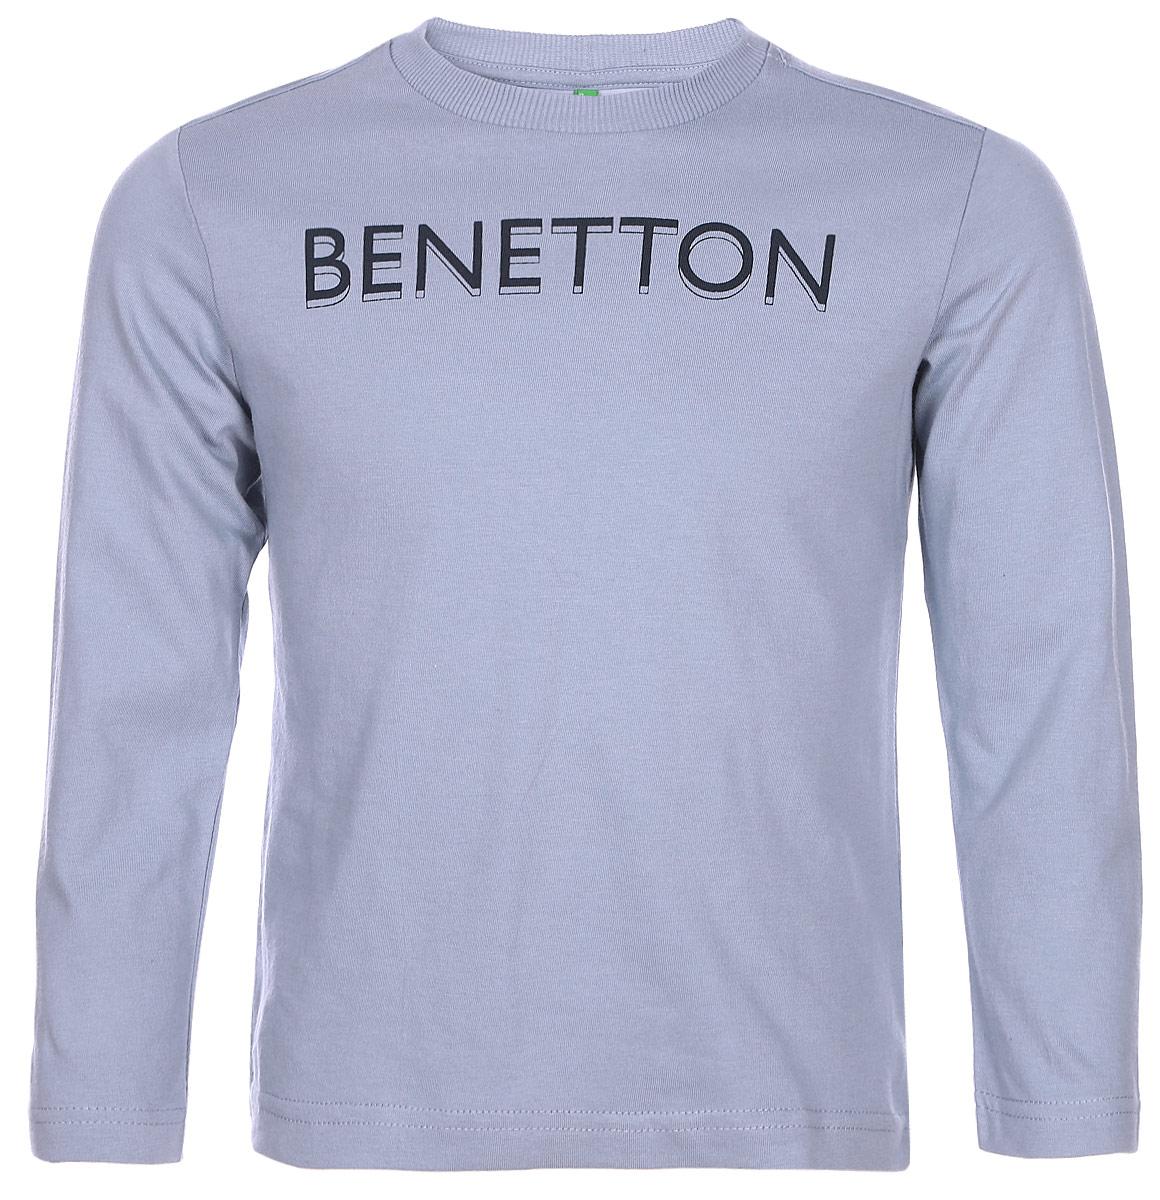 Свитшот для мальчика United Colors of Benetton, цвет: голубой. 3YR3C13H5_096. Размер 1503YR3C13H5_096Стильный свитшот для мальчика, выполненный из натурального хлопка, отлично дополнит гардероб вашего модника. Модель с длинными рукавами и круглым вырезом горловины спереди оформлена надписью Benetton. Горловина дополнена трикотажной резинкой.